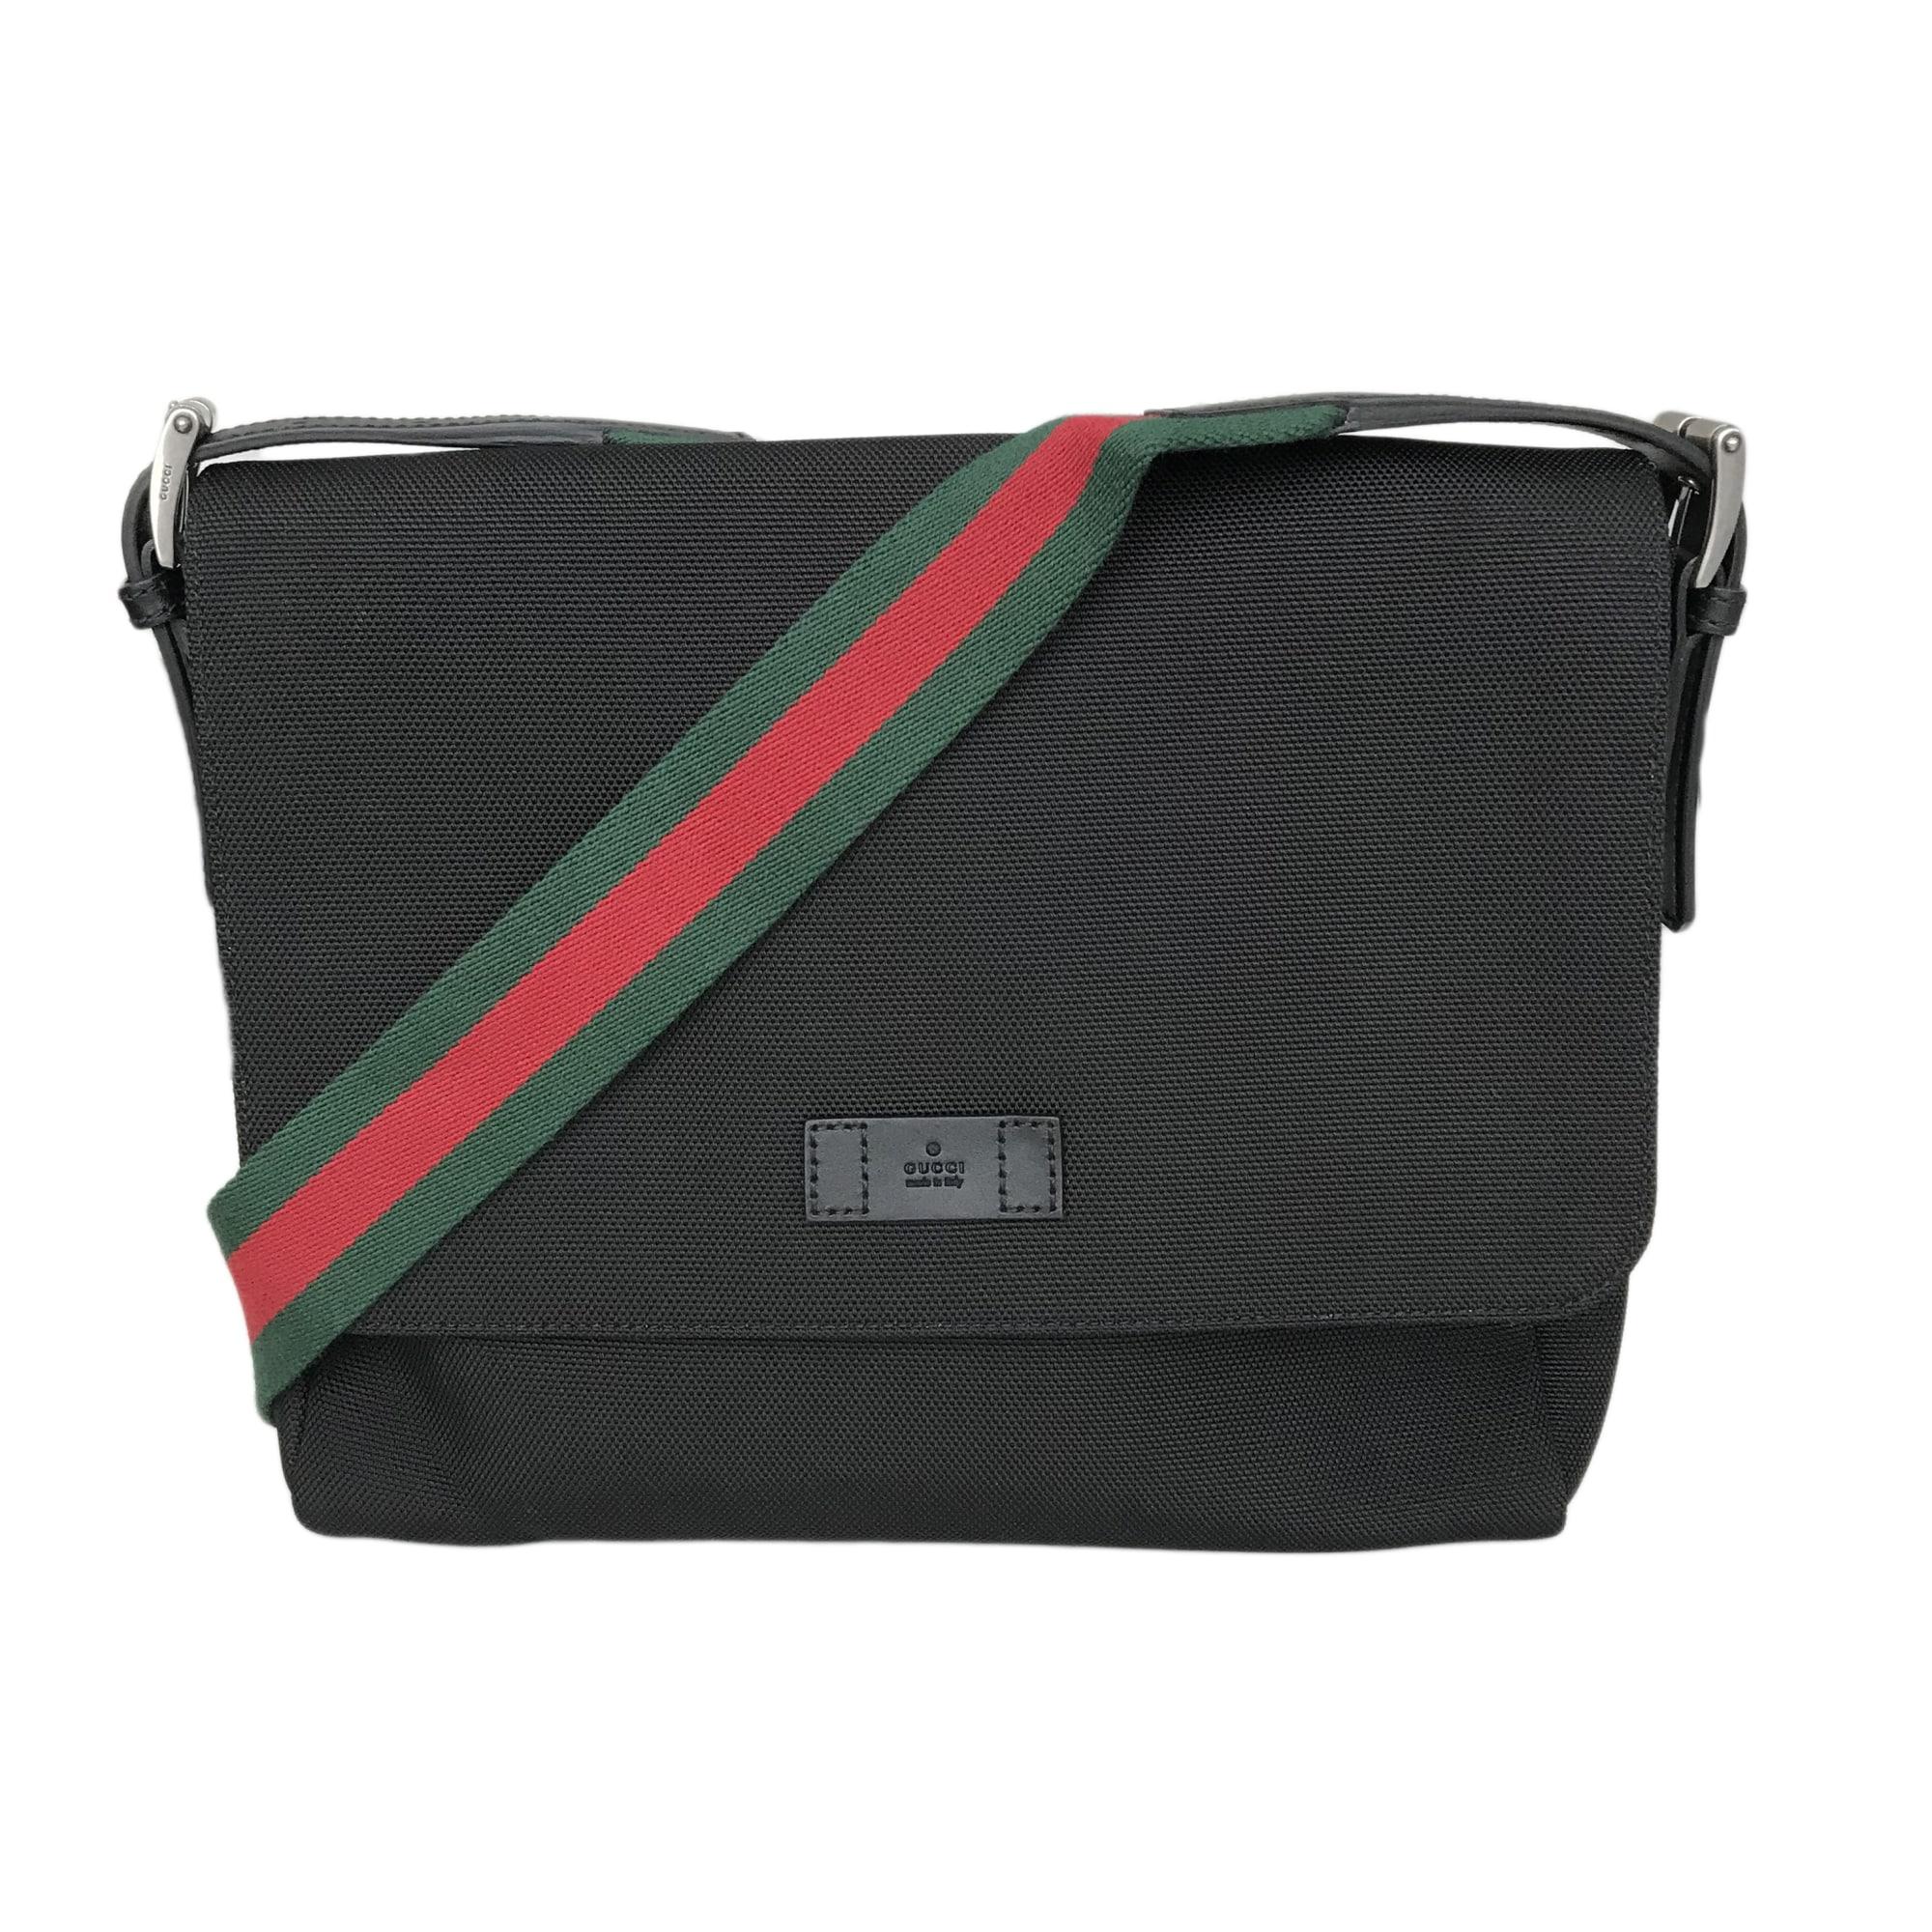 Sacoche GUCCI noir vendu par Inparis - 7492812 81cdc4fbbad